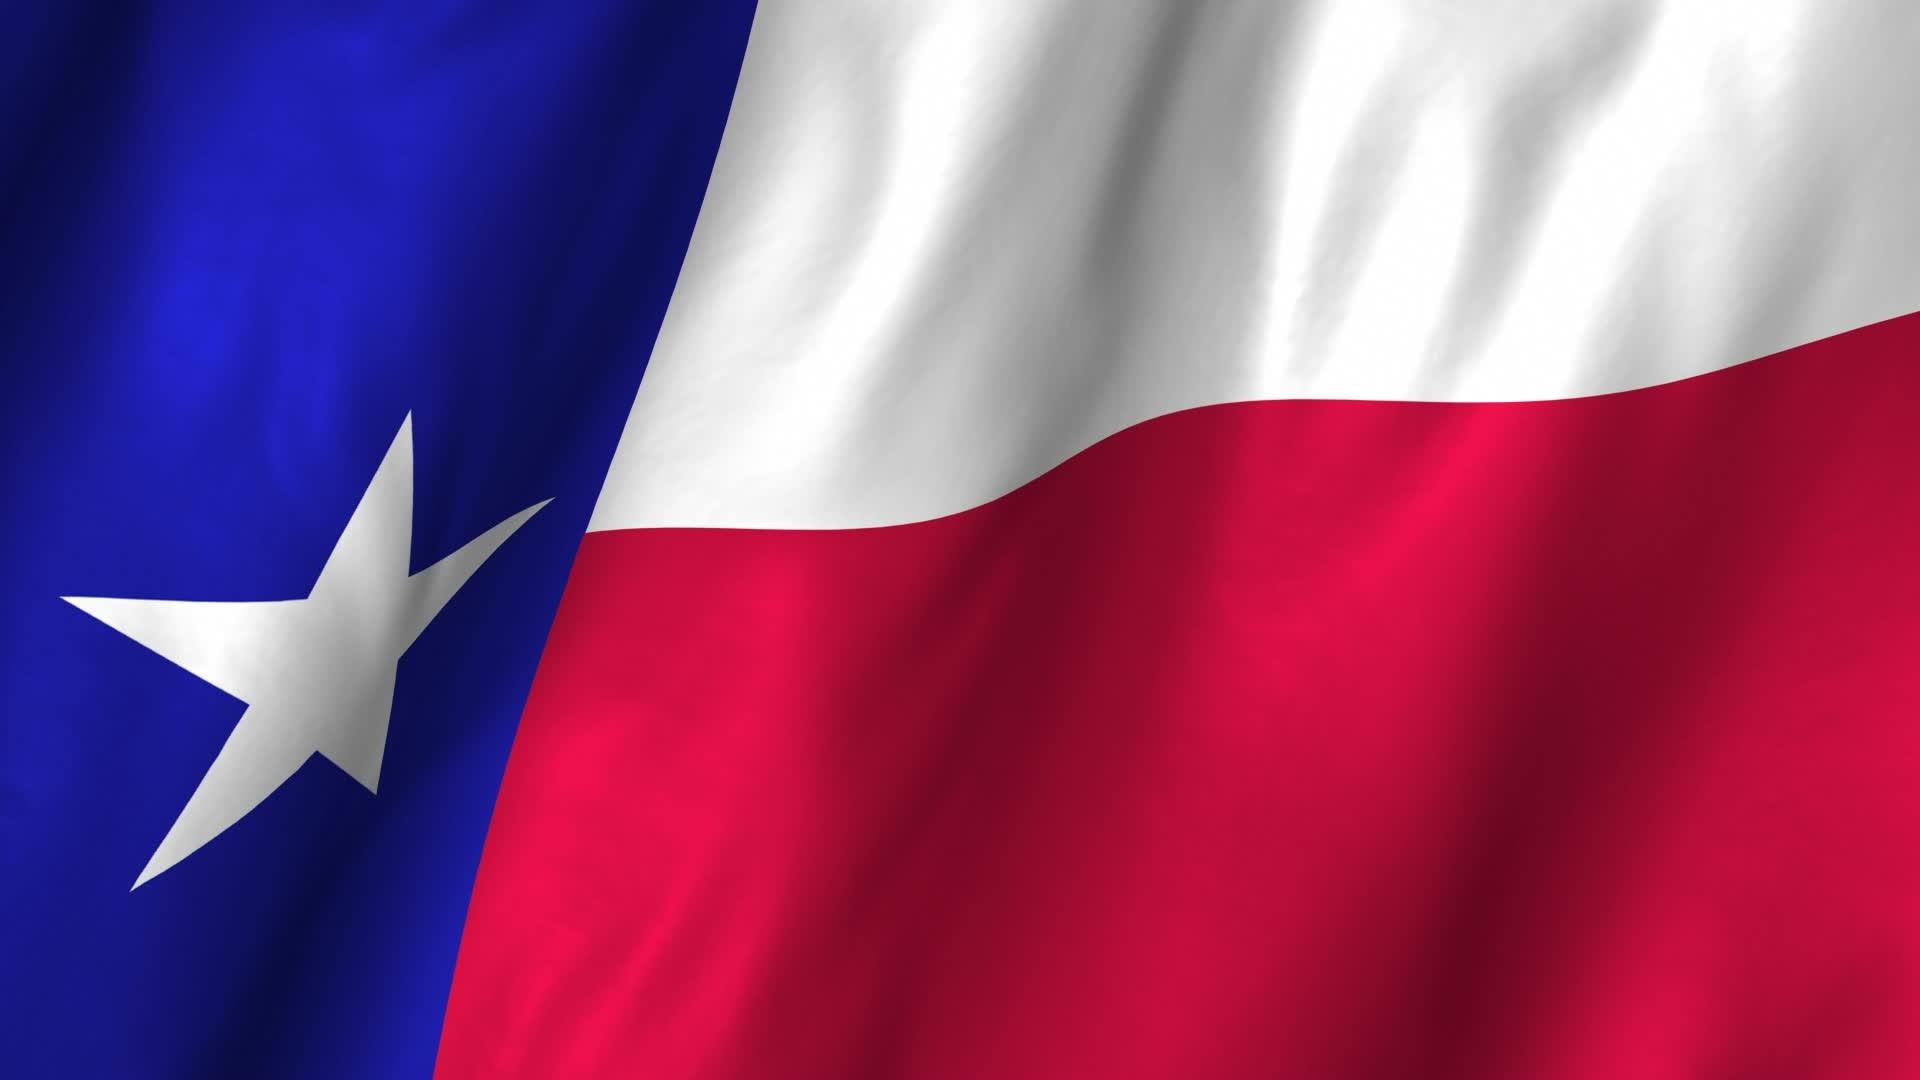 Confederate flag desktop wallpaper 67 images - Texas flag wallpaper ...